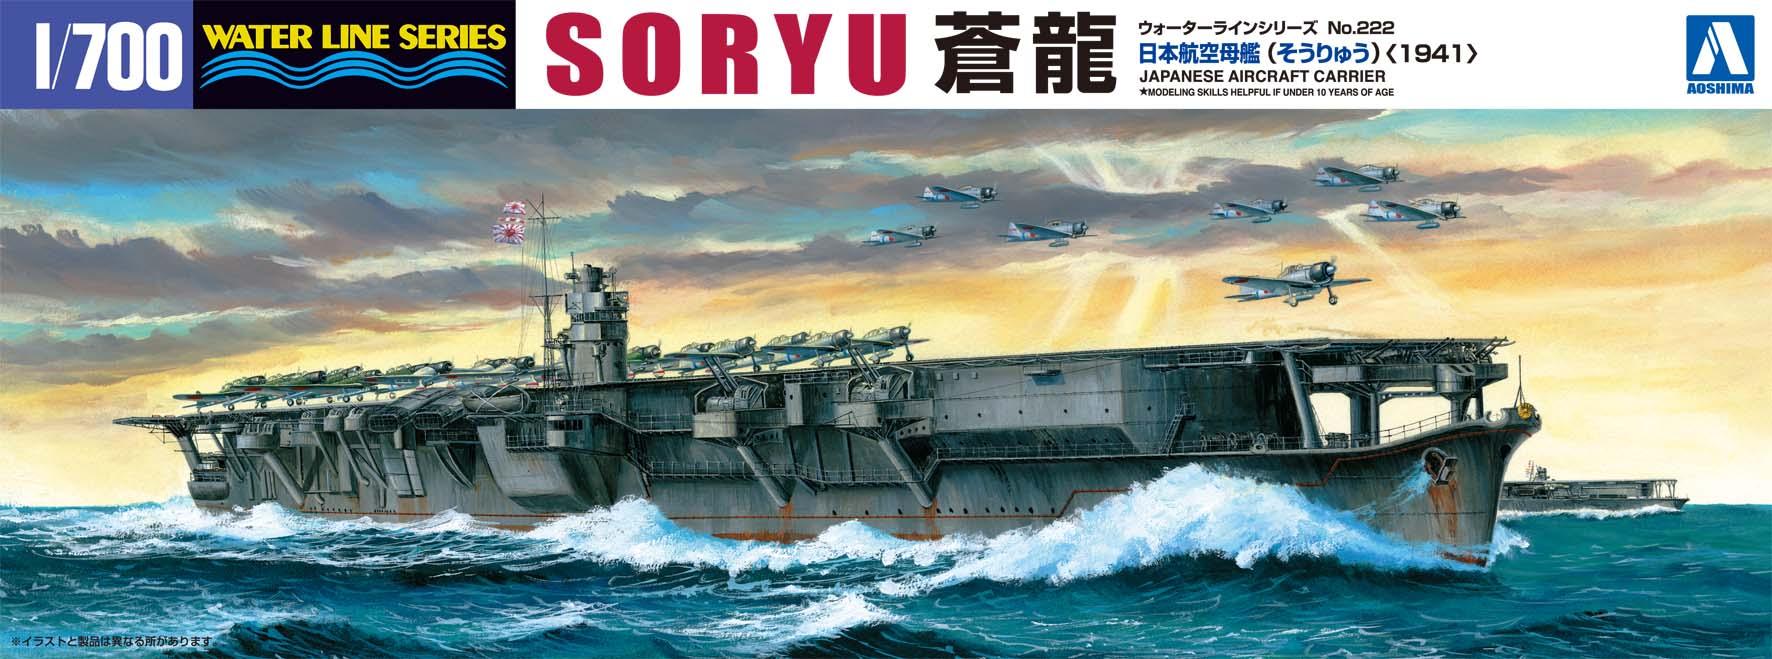 Aoshima 1/700 IJN Aircraft Carrier SORYU (1941)